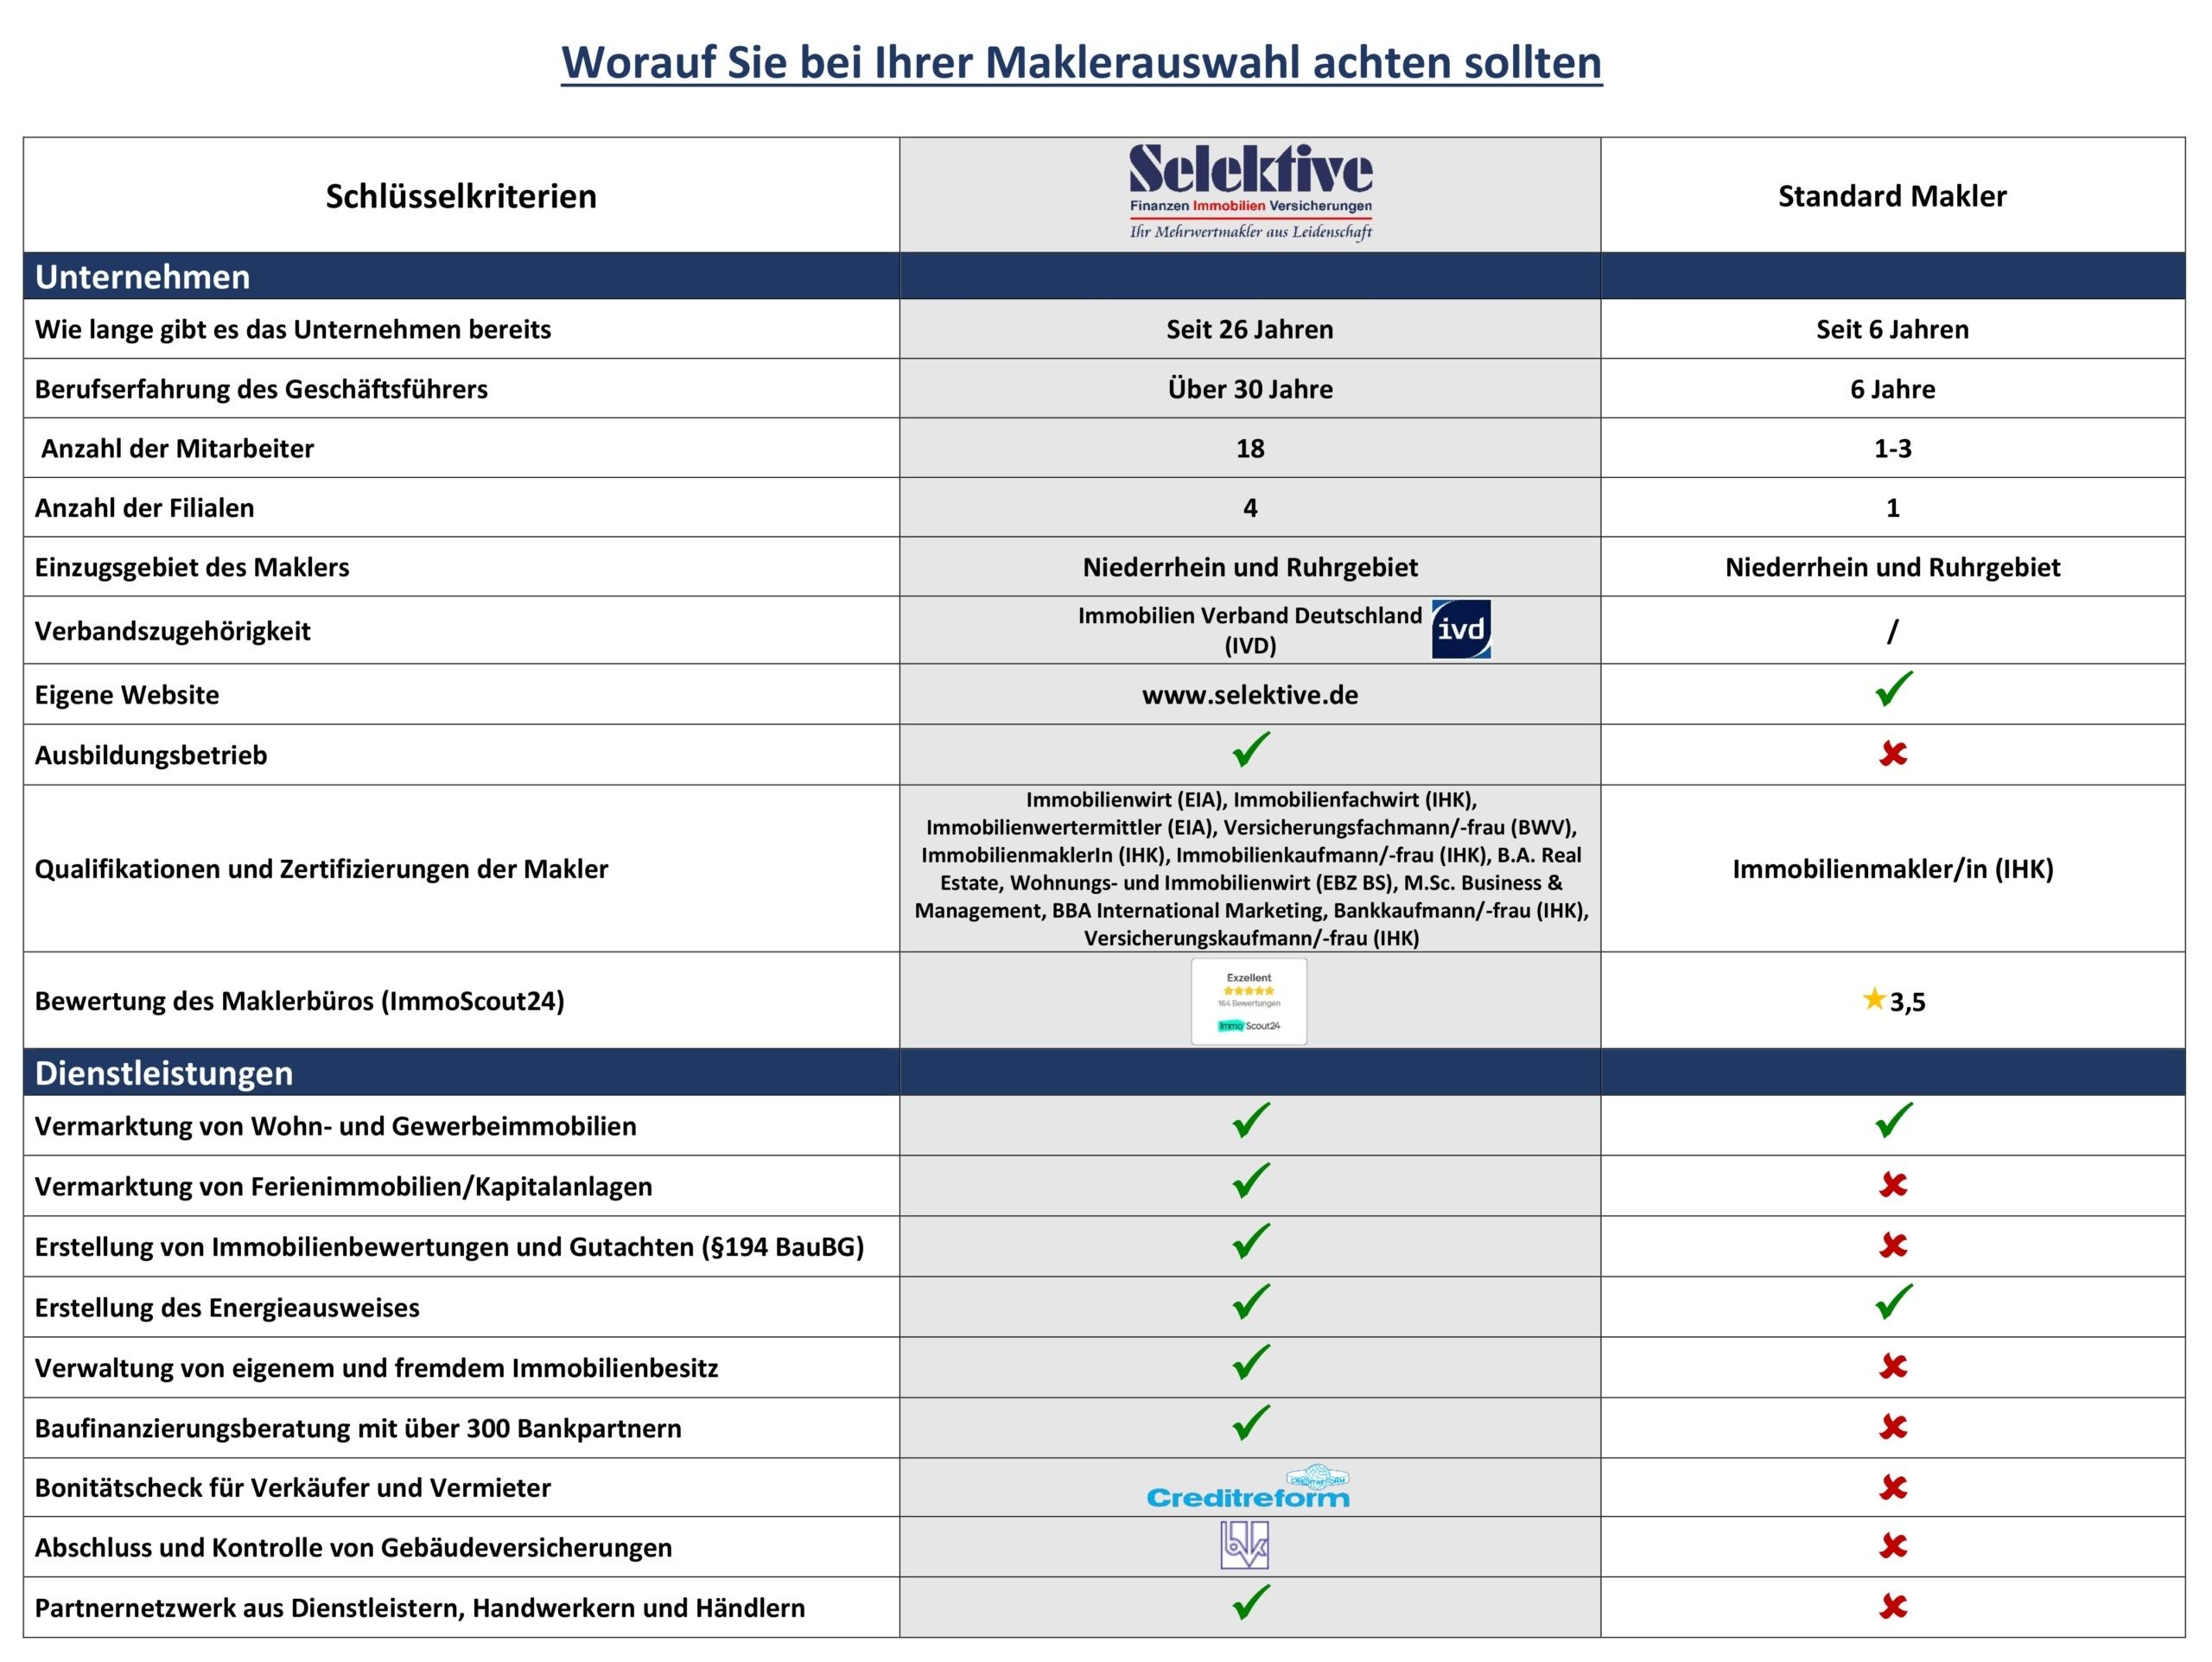 Tabelle Schlüsselkriterien der Maklerwahl